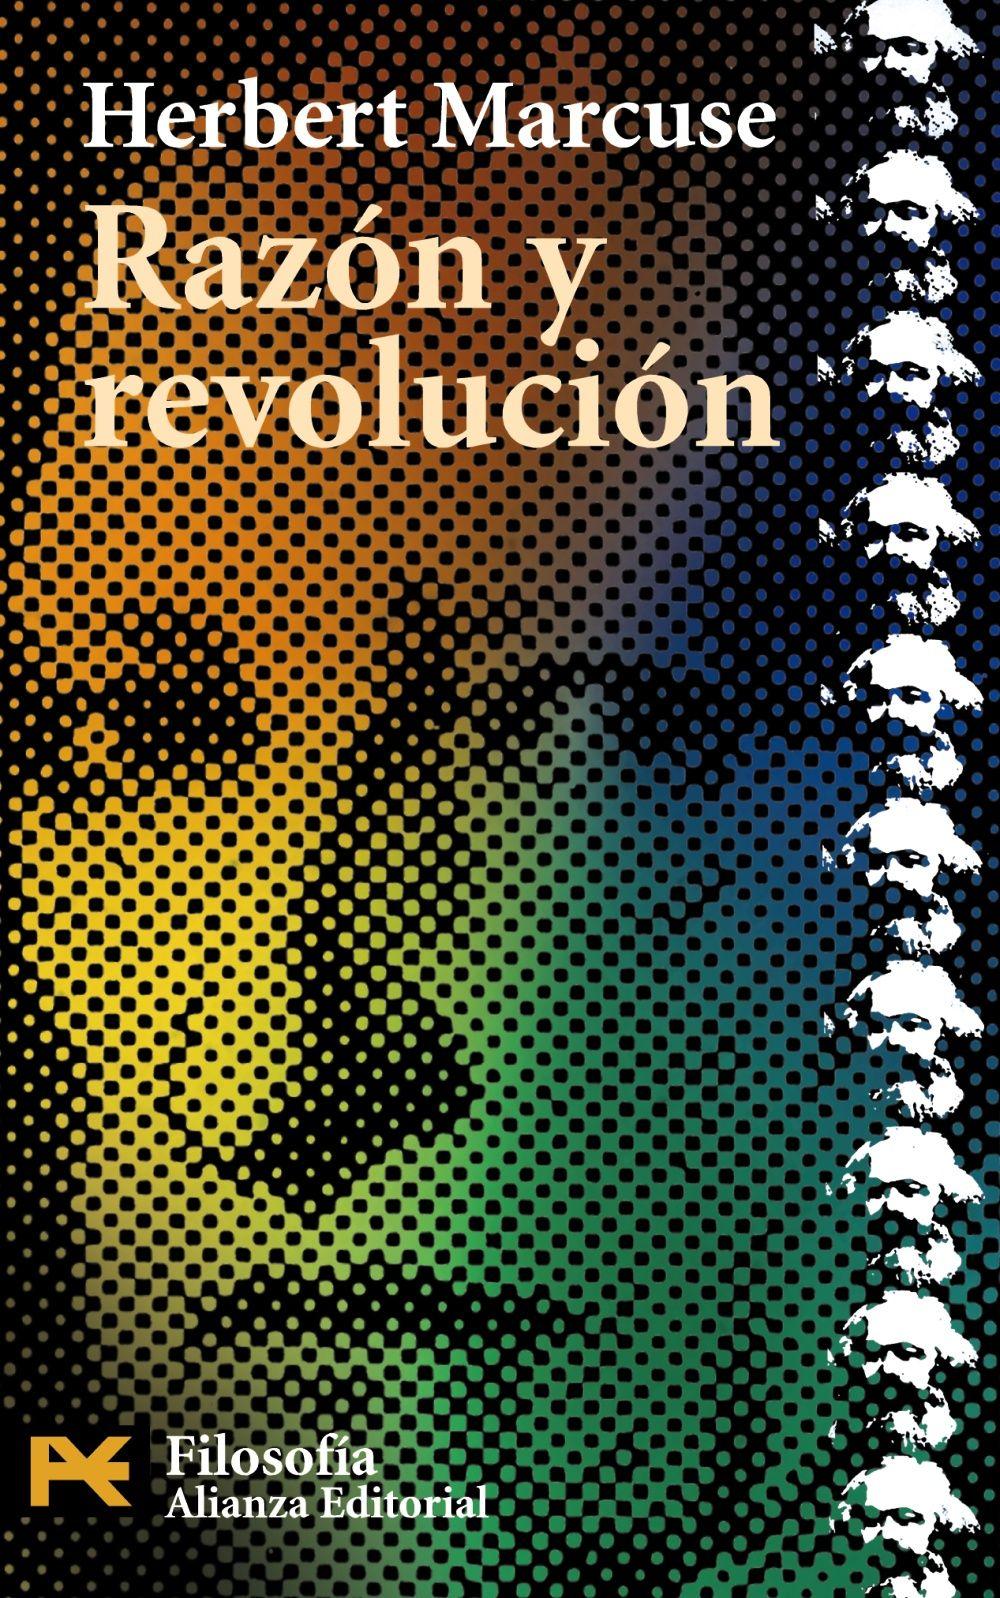 Razón Y Revolución Herbert Marcuse 1ª Ed 11 Ed Madrid Alianza Editorial 20http Absysnetweb Bbtk Ull Es Cgi Bin Abne Libros Libros Para Leer Audiolibro